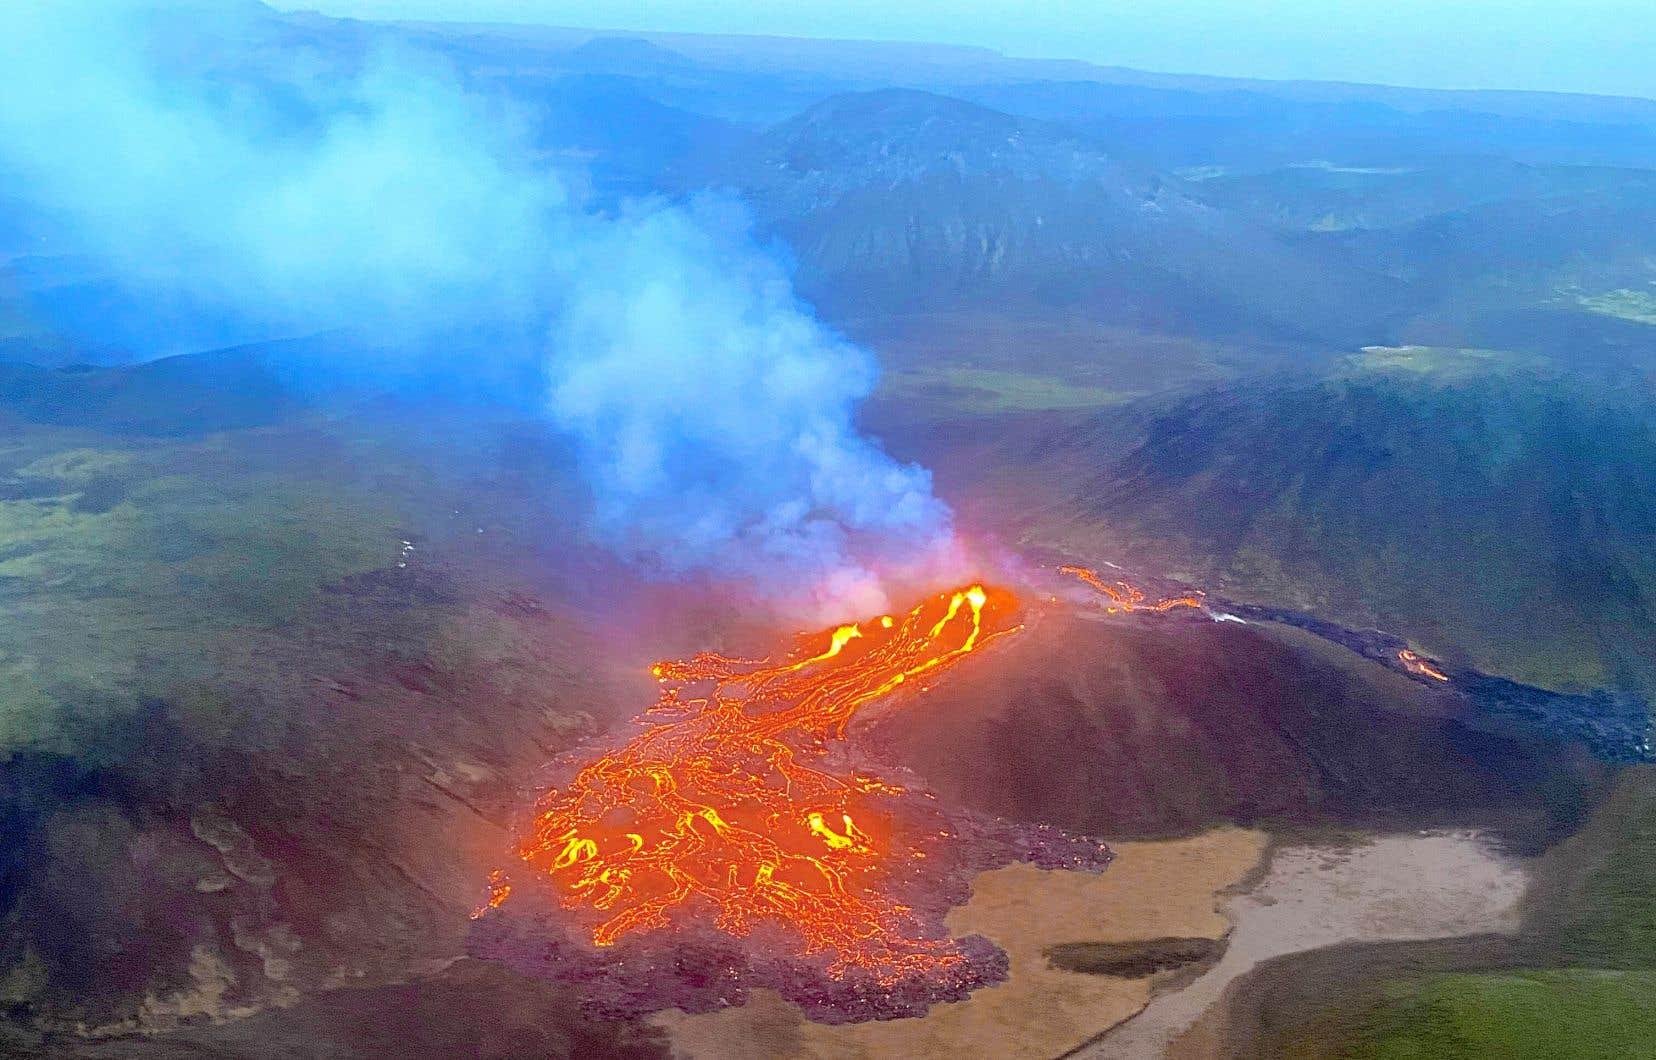 Le système volcanique de Krysuvik, qui n'a pas de cratère principal, est situé au sud du mont Fagradalsfjall. Encaissé et dans une zone inhabitée, le lieu de l'éruption entraîne une accumulation du magma légèrement en contrebas, limitant le risque de dommages.